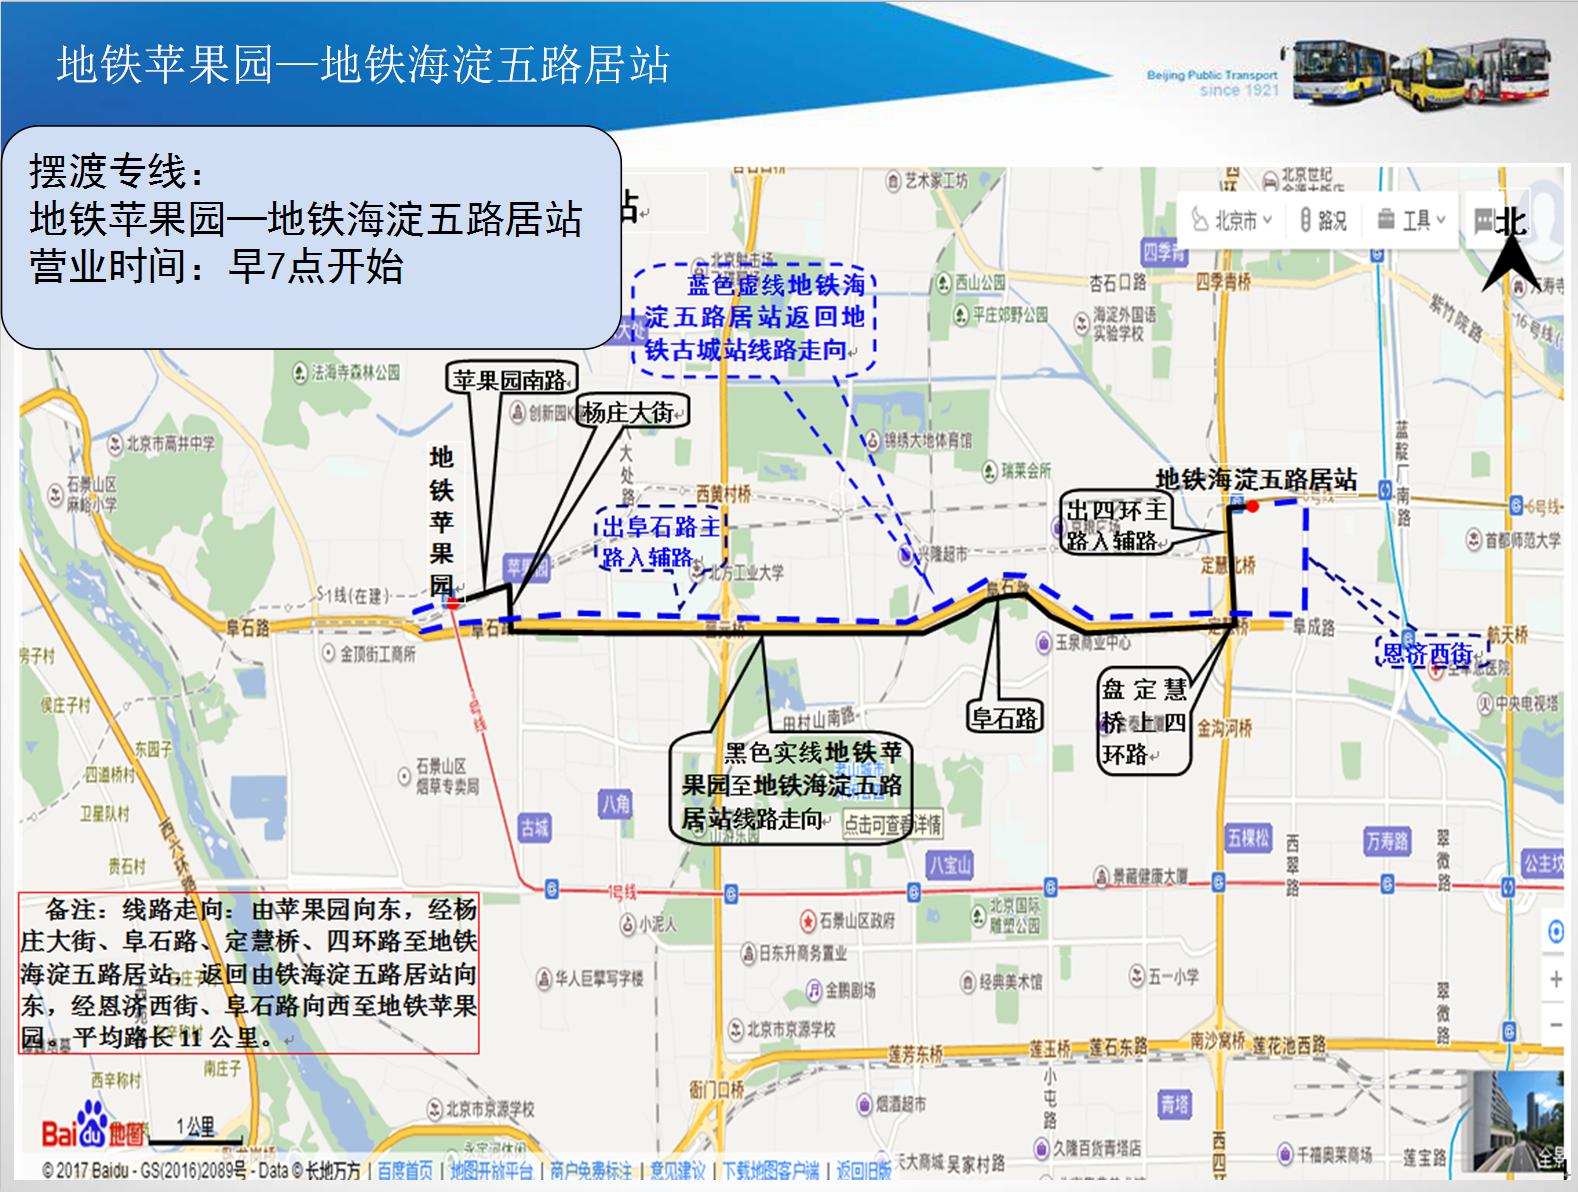 北京公共交通集团 线路查询 公交换乘 商务班车 定制公交 公交e路通 实时公交